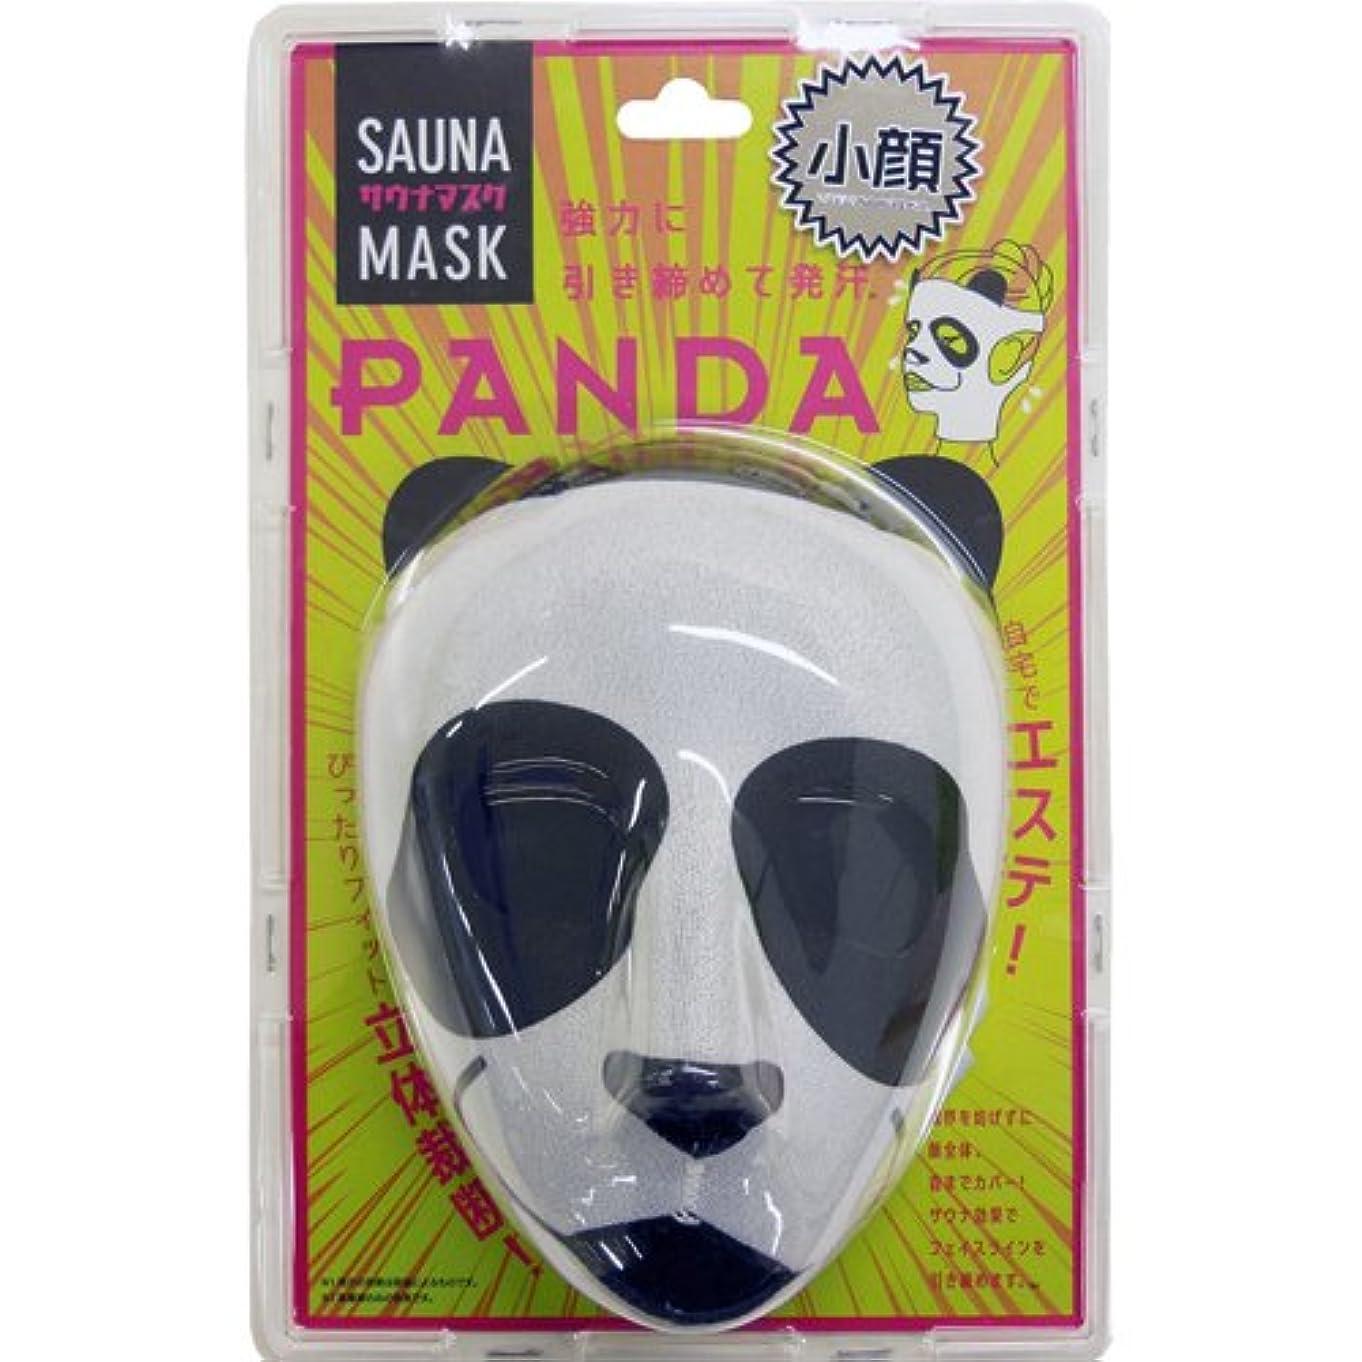 害虫急ぐ価格コジット サウナマスク PANDA (1個)